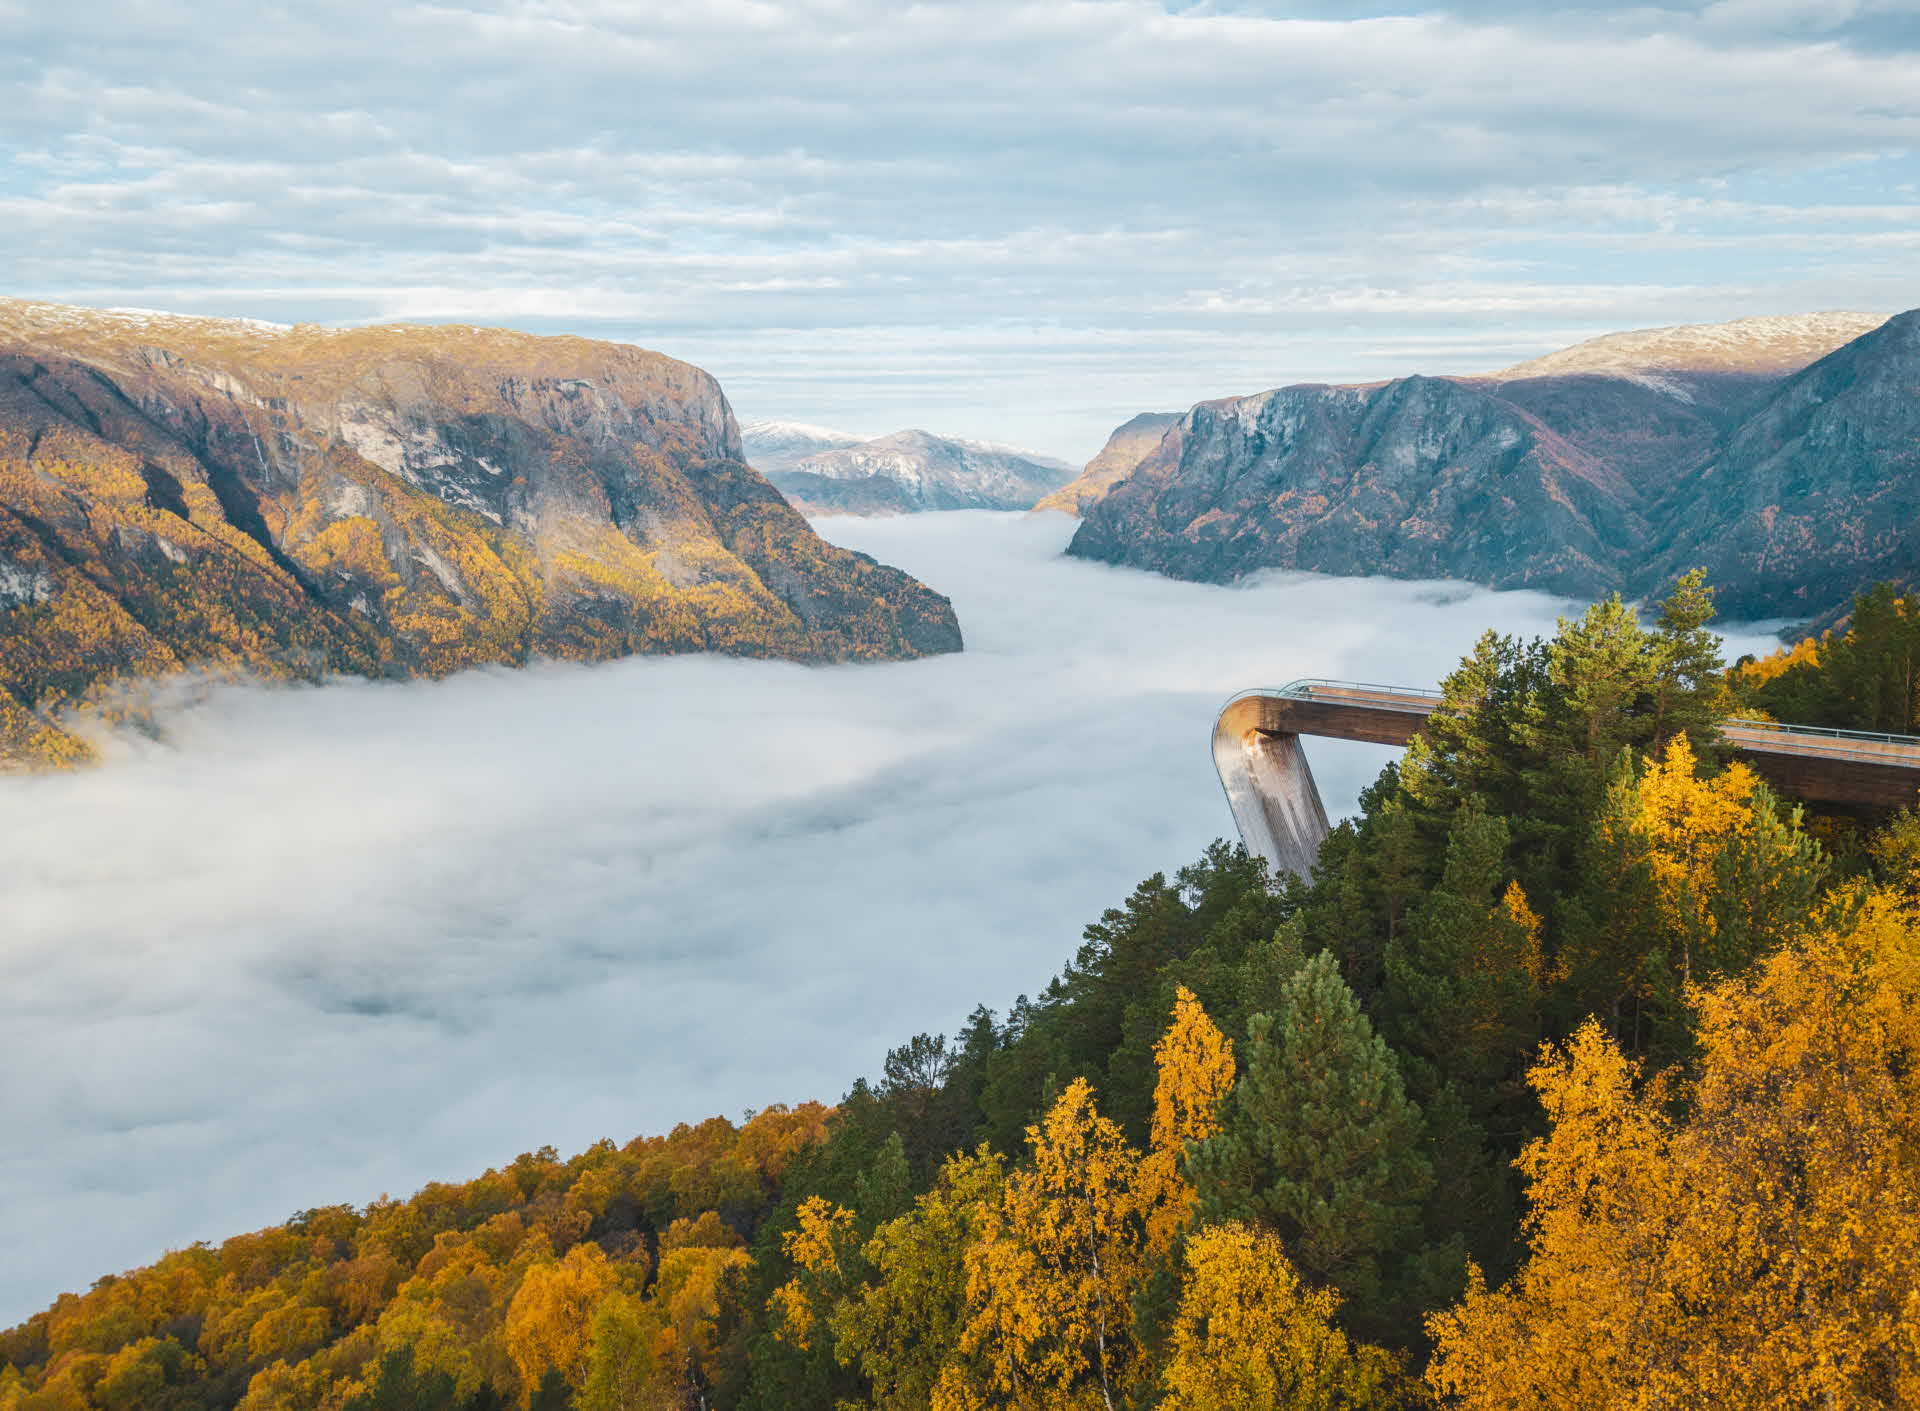 Kvinne står ved rekkverket på Stegastein utsiktspunkt og ser utover Aurlandsfjorden en solrik dag